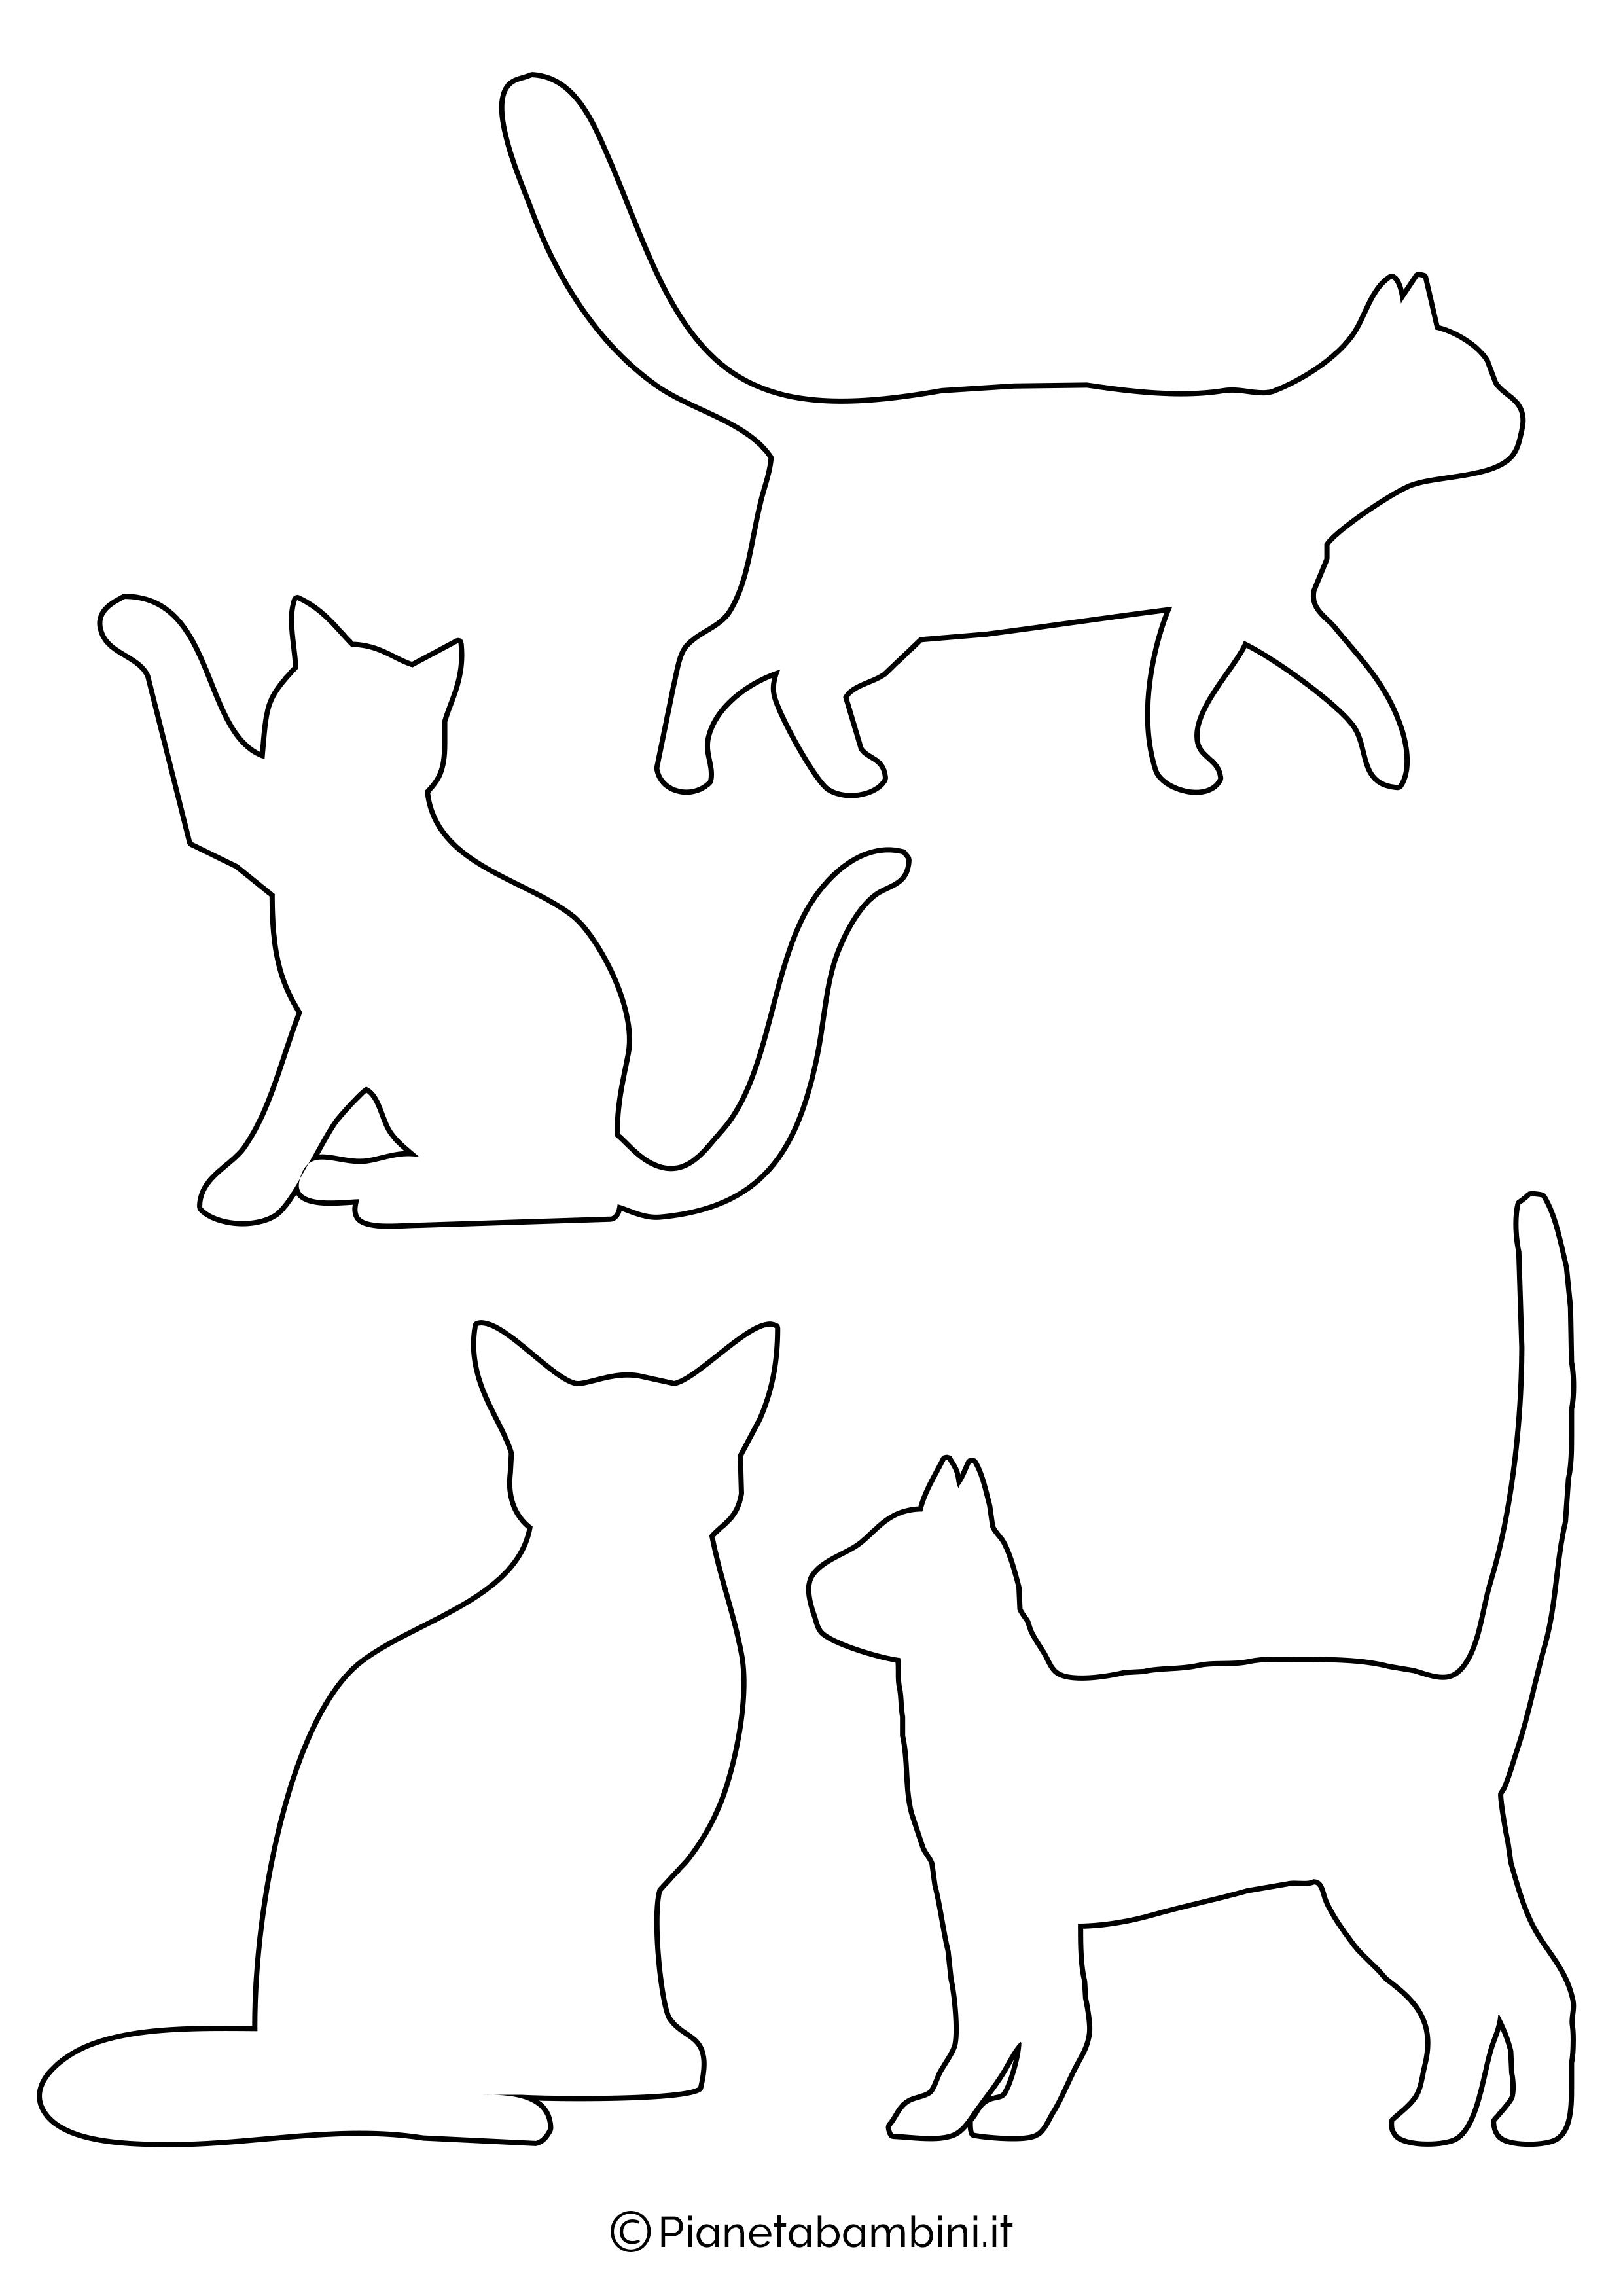 Sagome gatti piccole da ritagliare 1